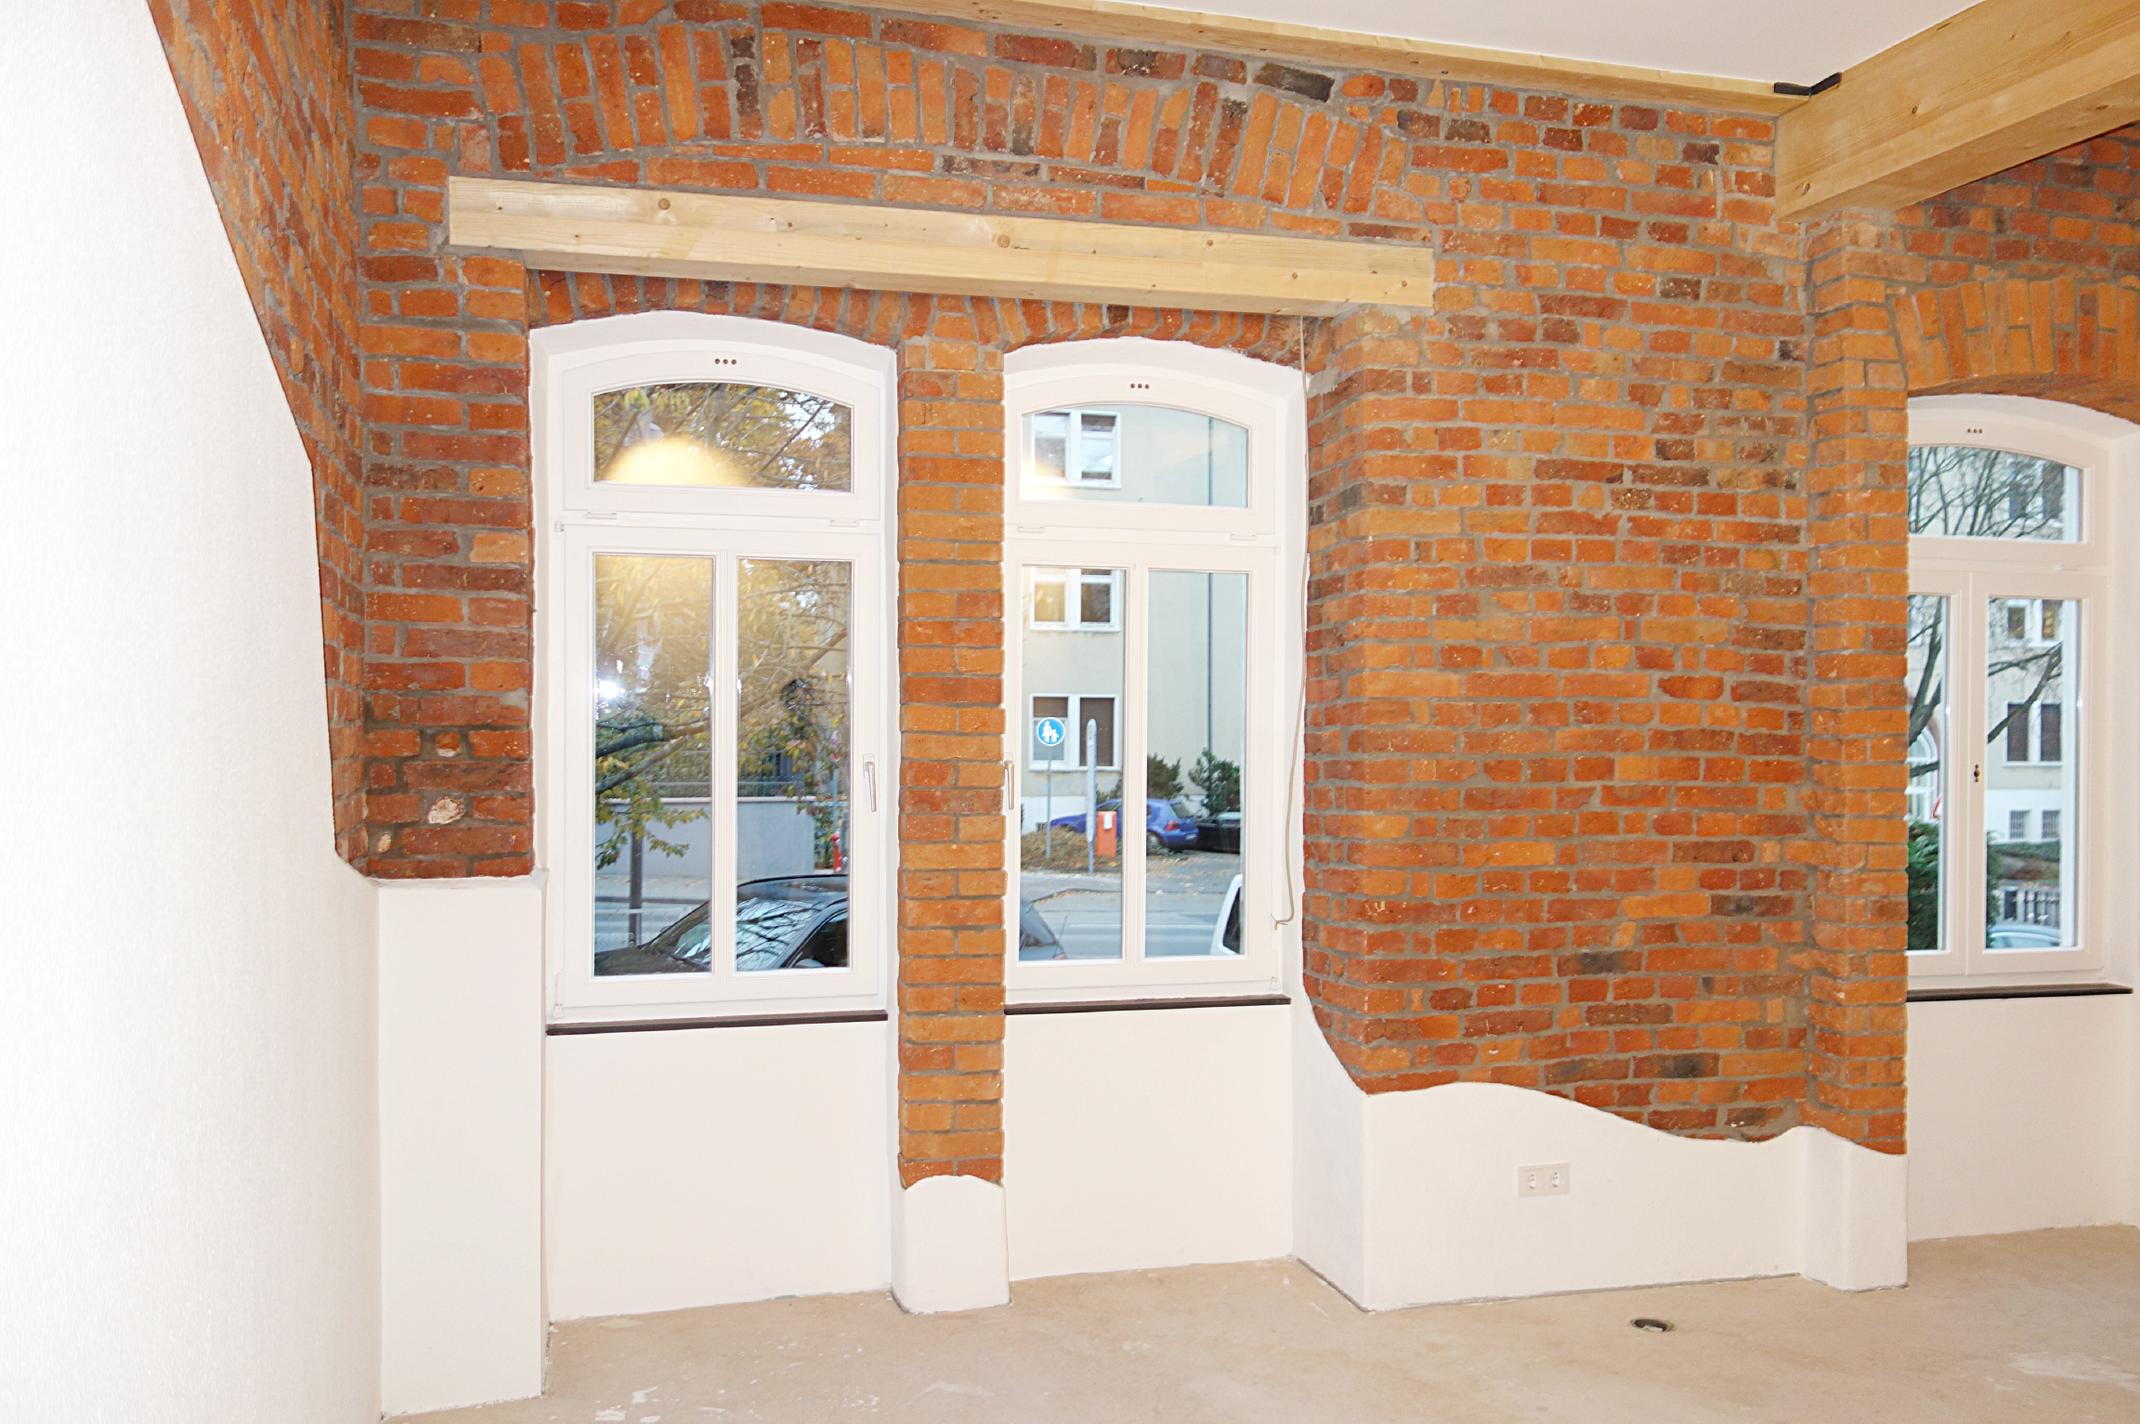 dekorative sanierung ziegelsteinmauerwerk sanierung 1511336017s webseite. Black Bedroom Furniture Sets. Home Design Ideas